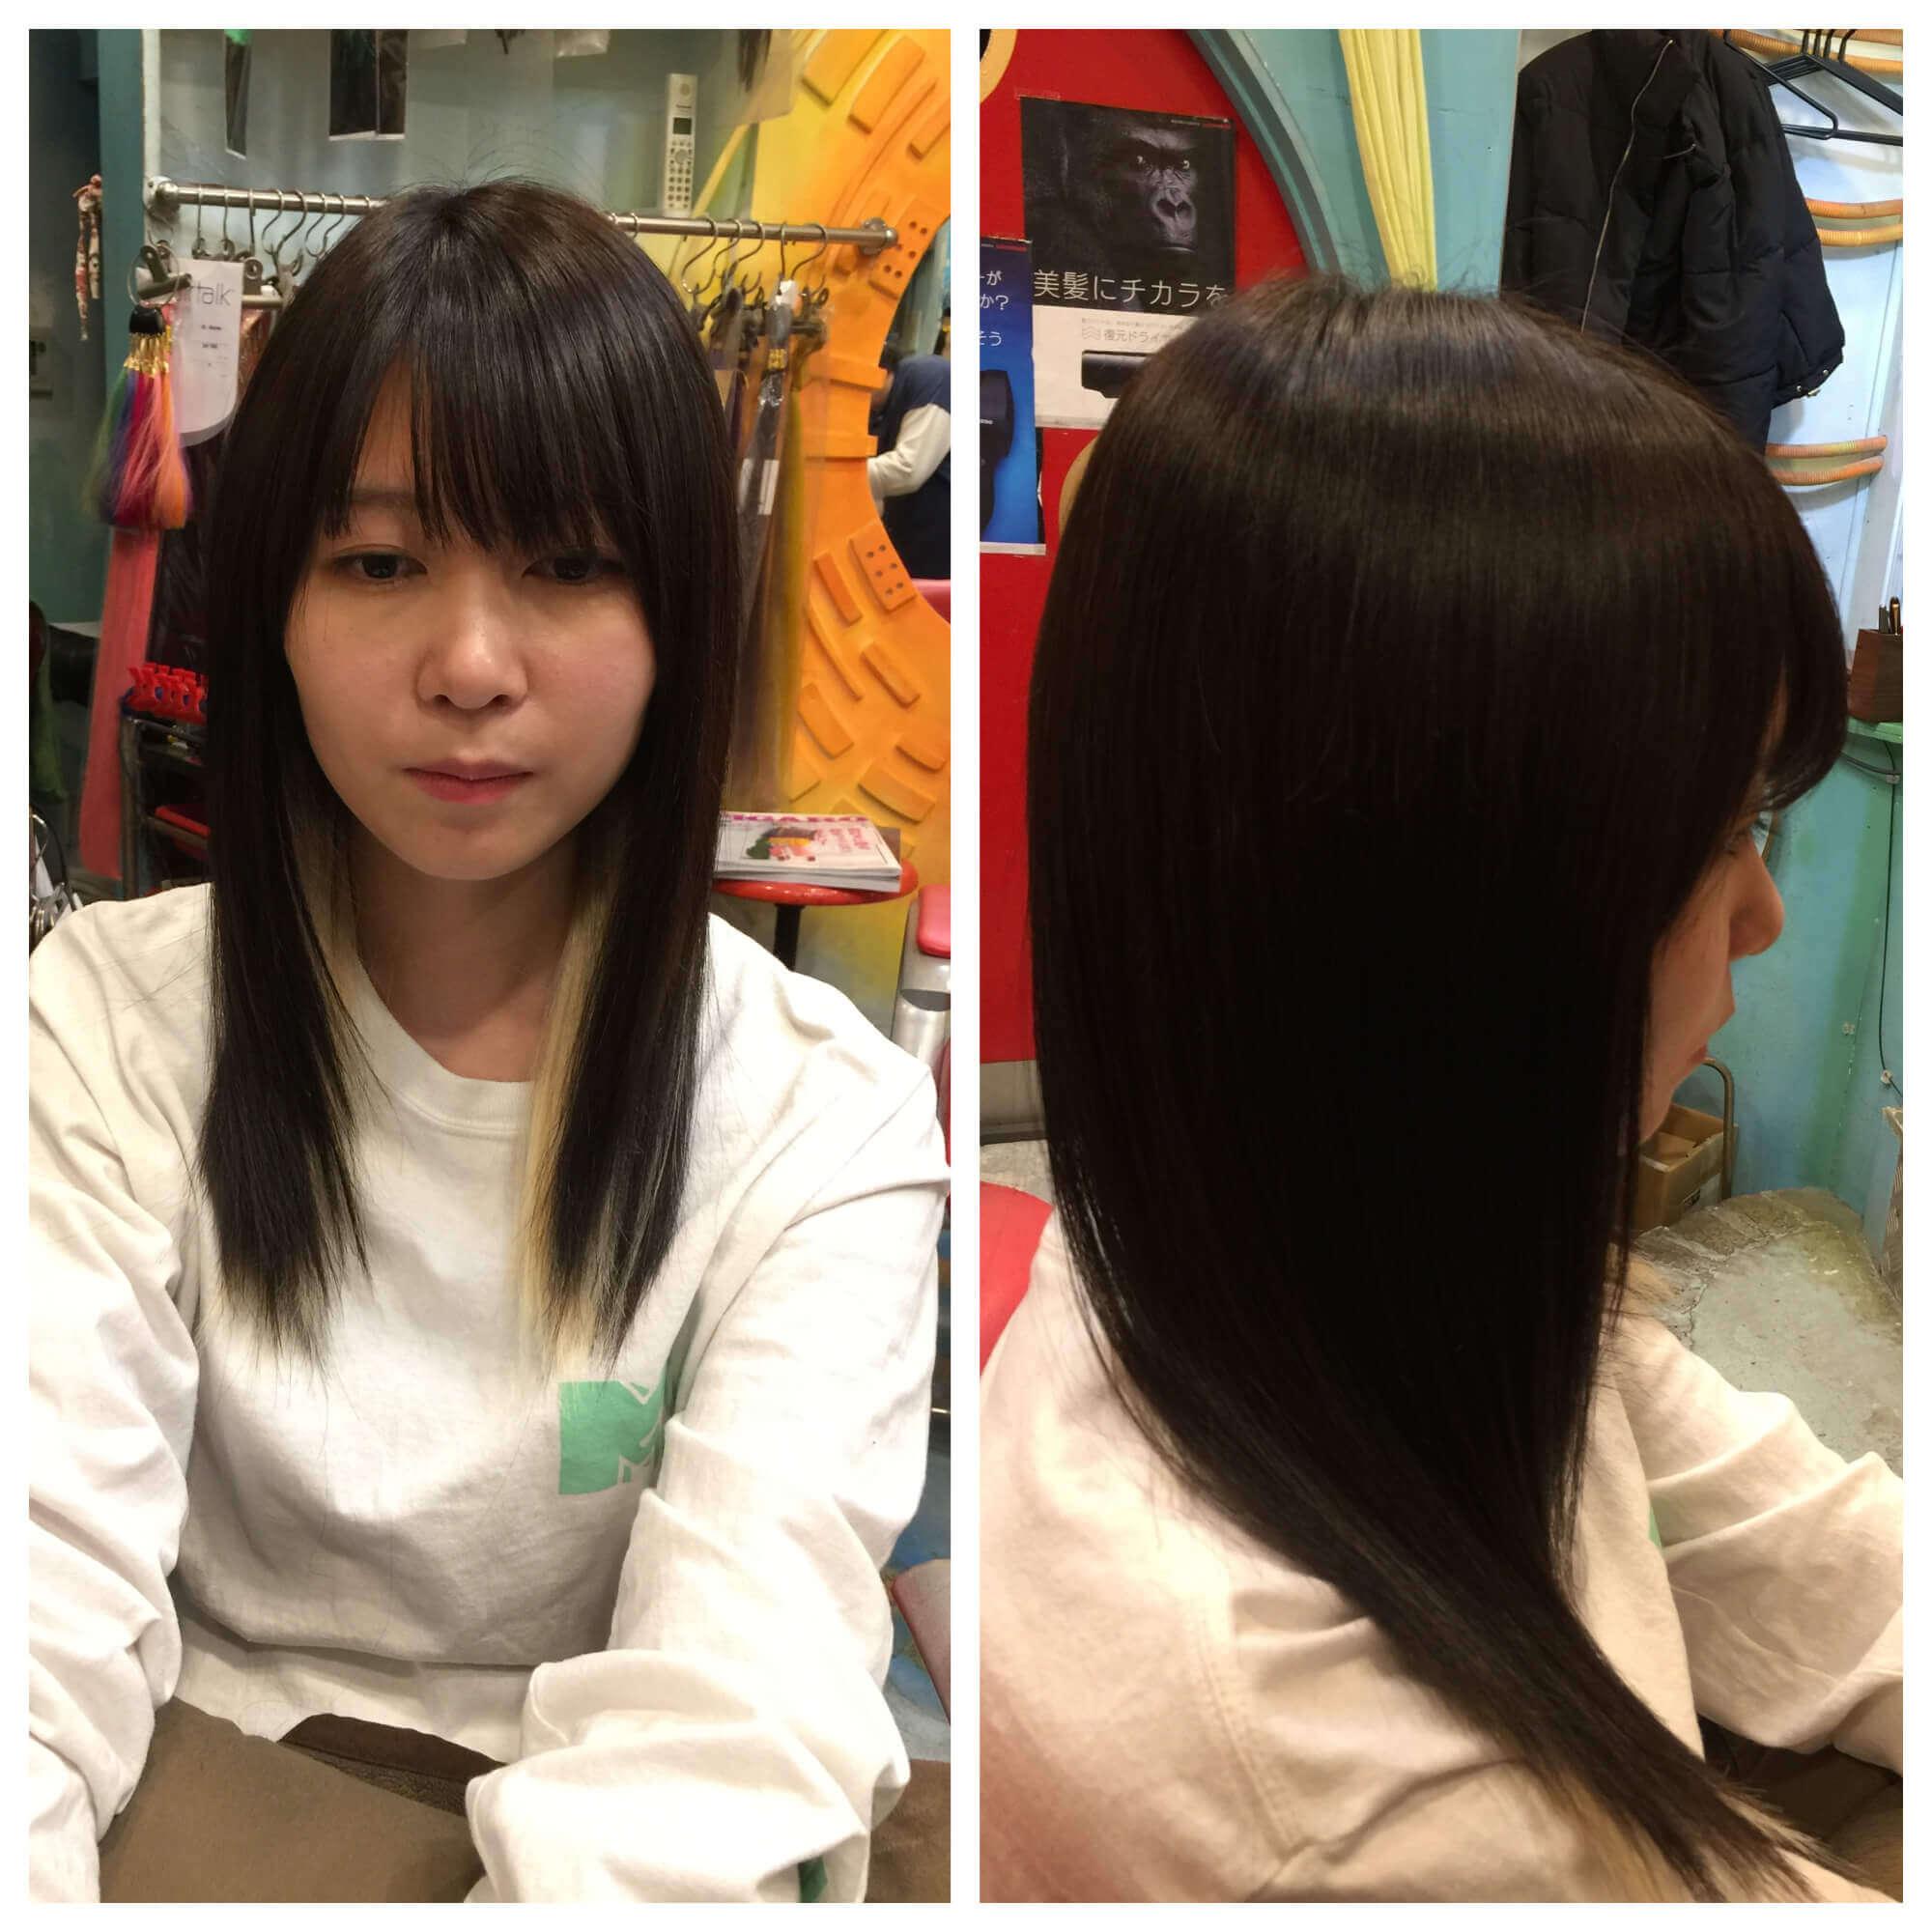 日本一馴染むエクステ専門店セクション Before & After ボブからインナーカラーでロング After